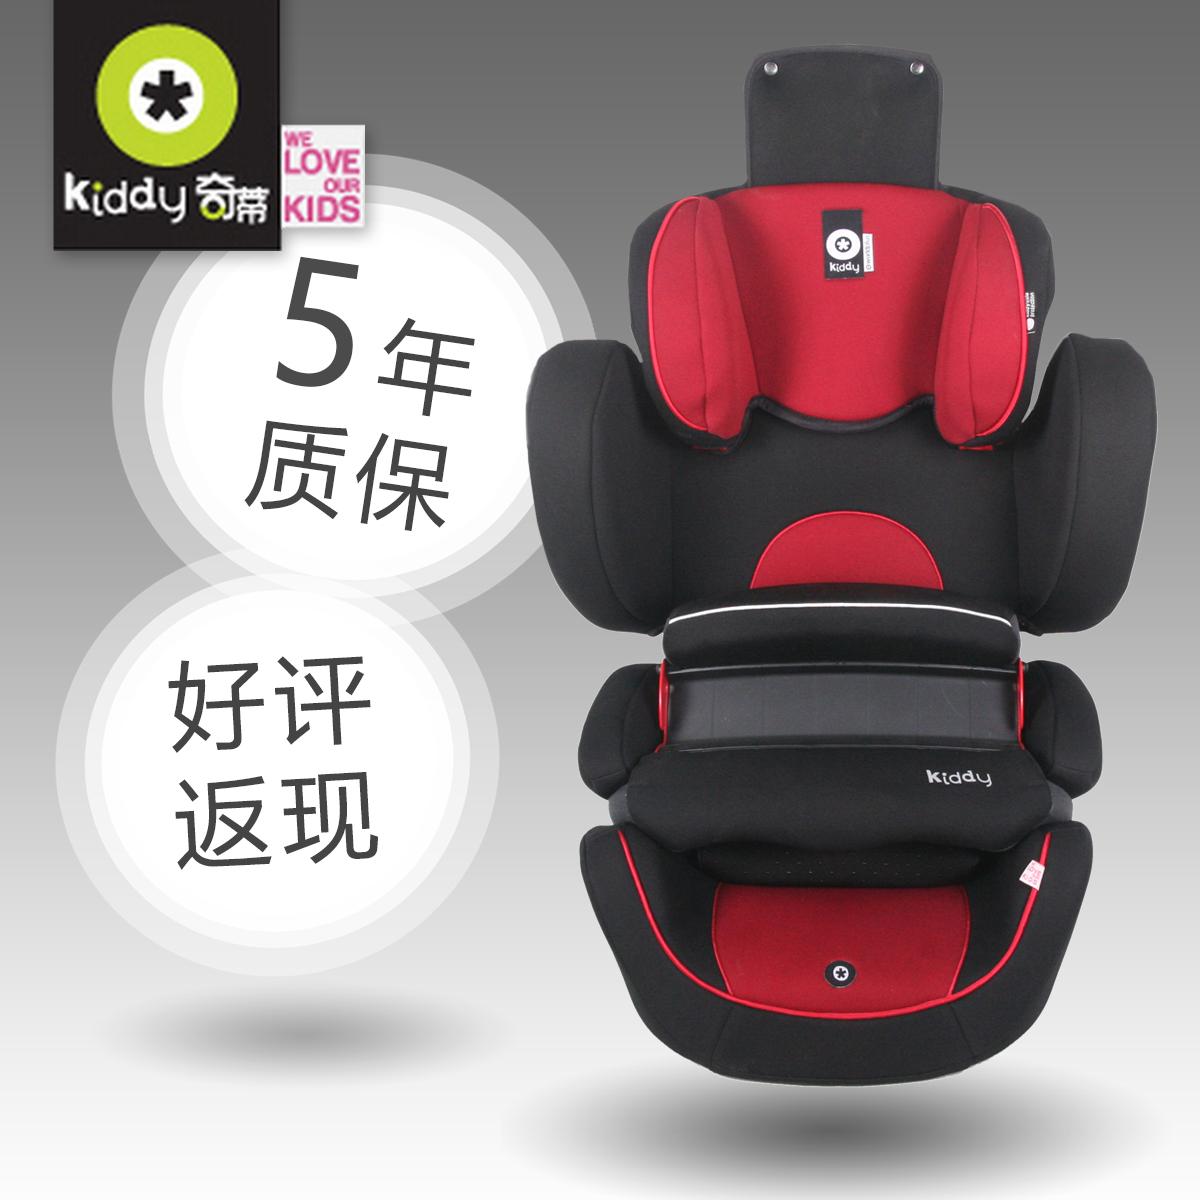 天猫2013儿童安全座椅汽车节,史上儿童安全座椅最给力折扣 第36张